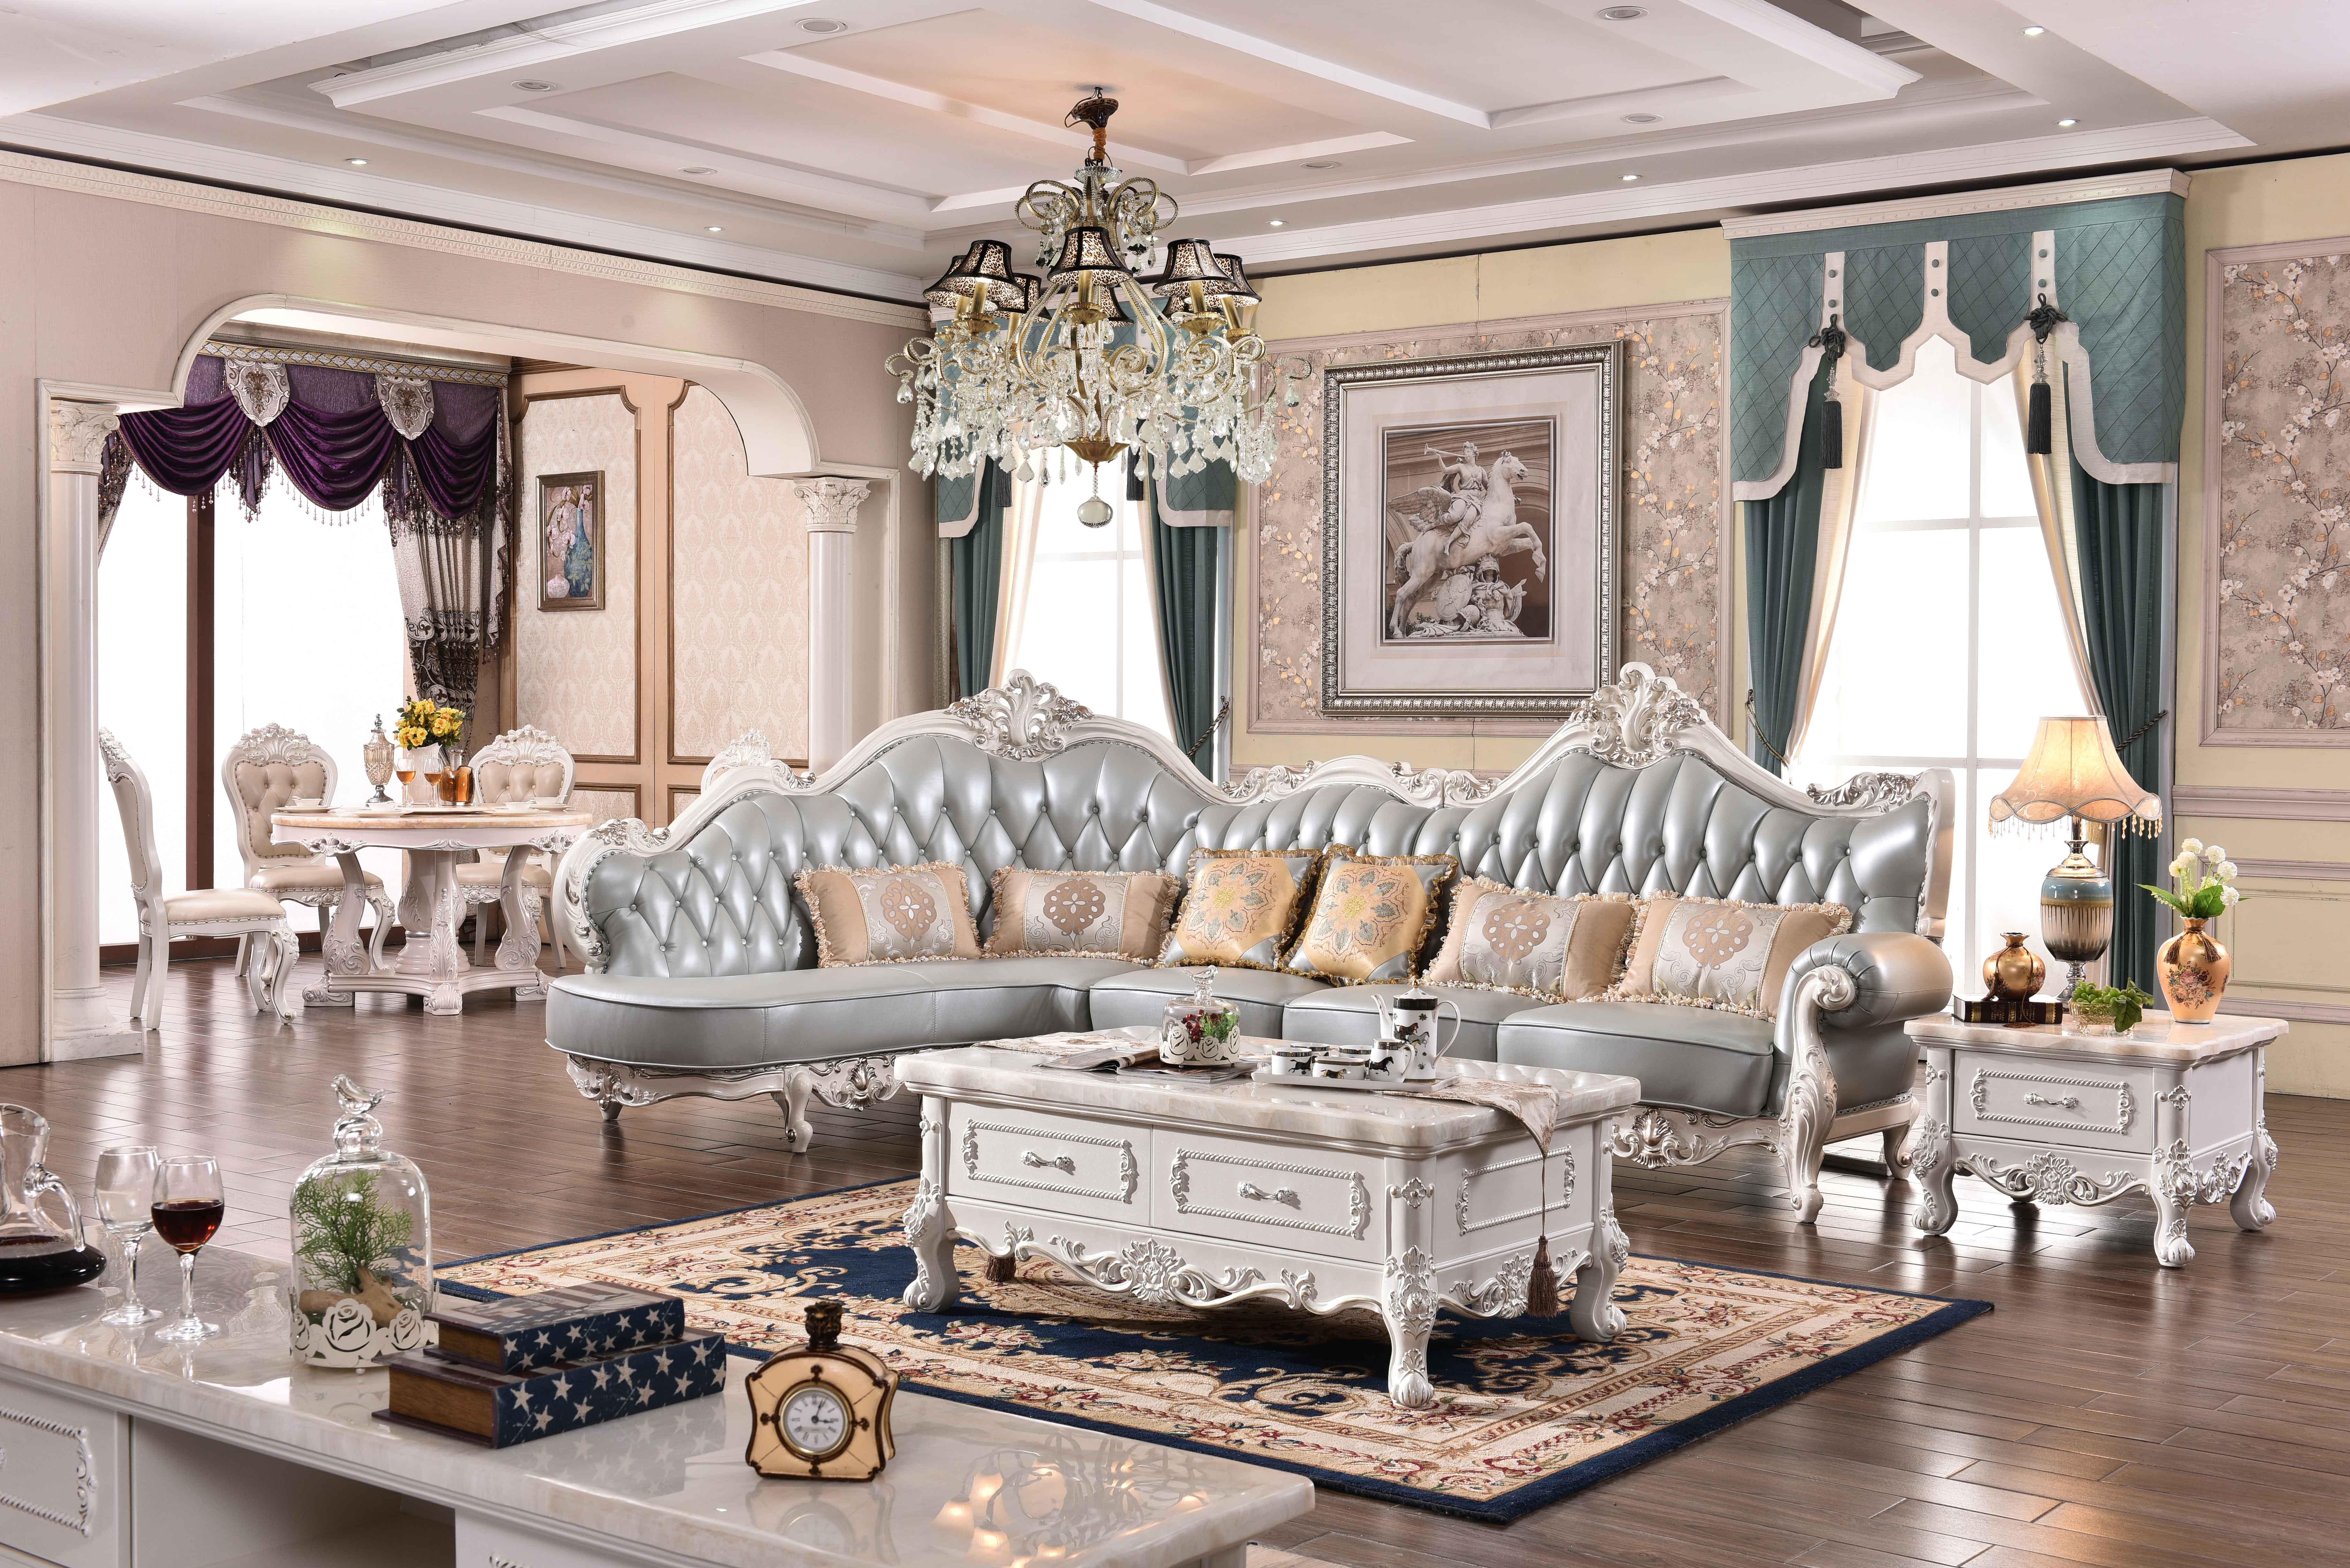 柒家壹 美式沙发欧式客厅奢华组合沙发法式实木头层牛皮家具 欧式家具